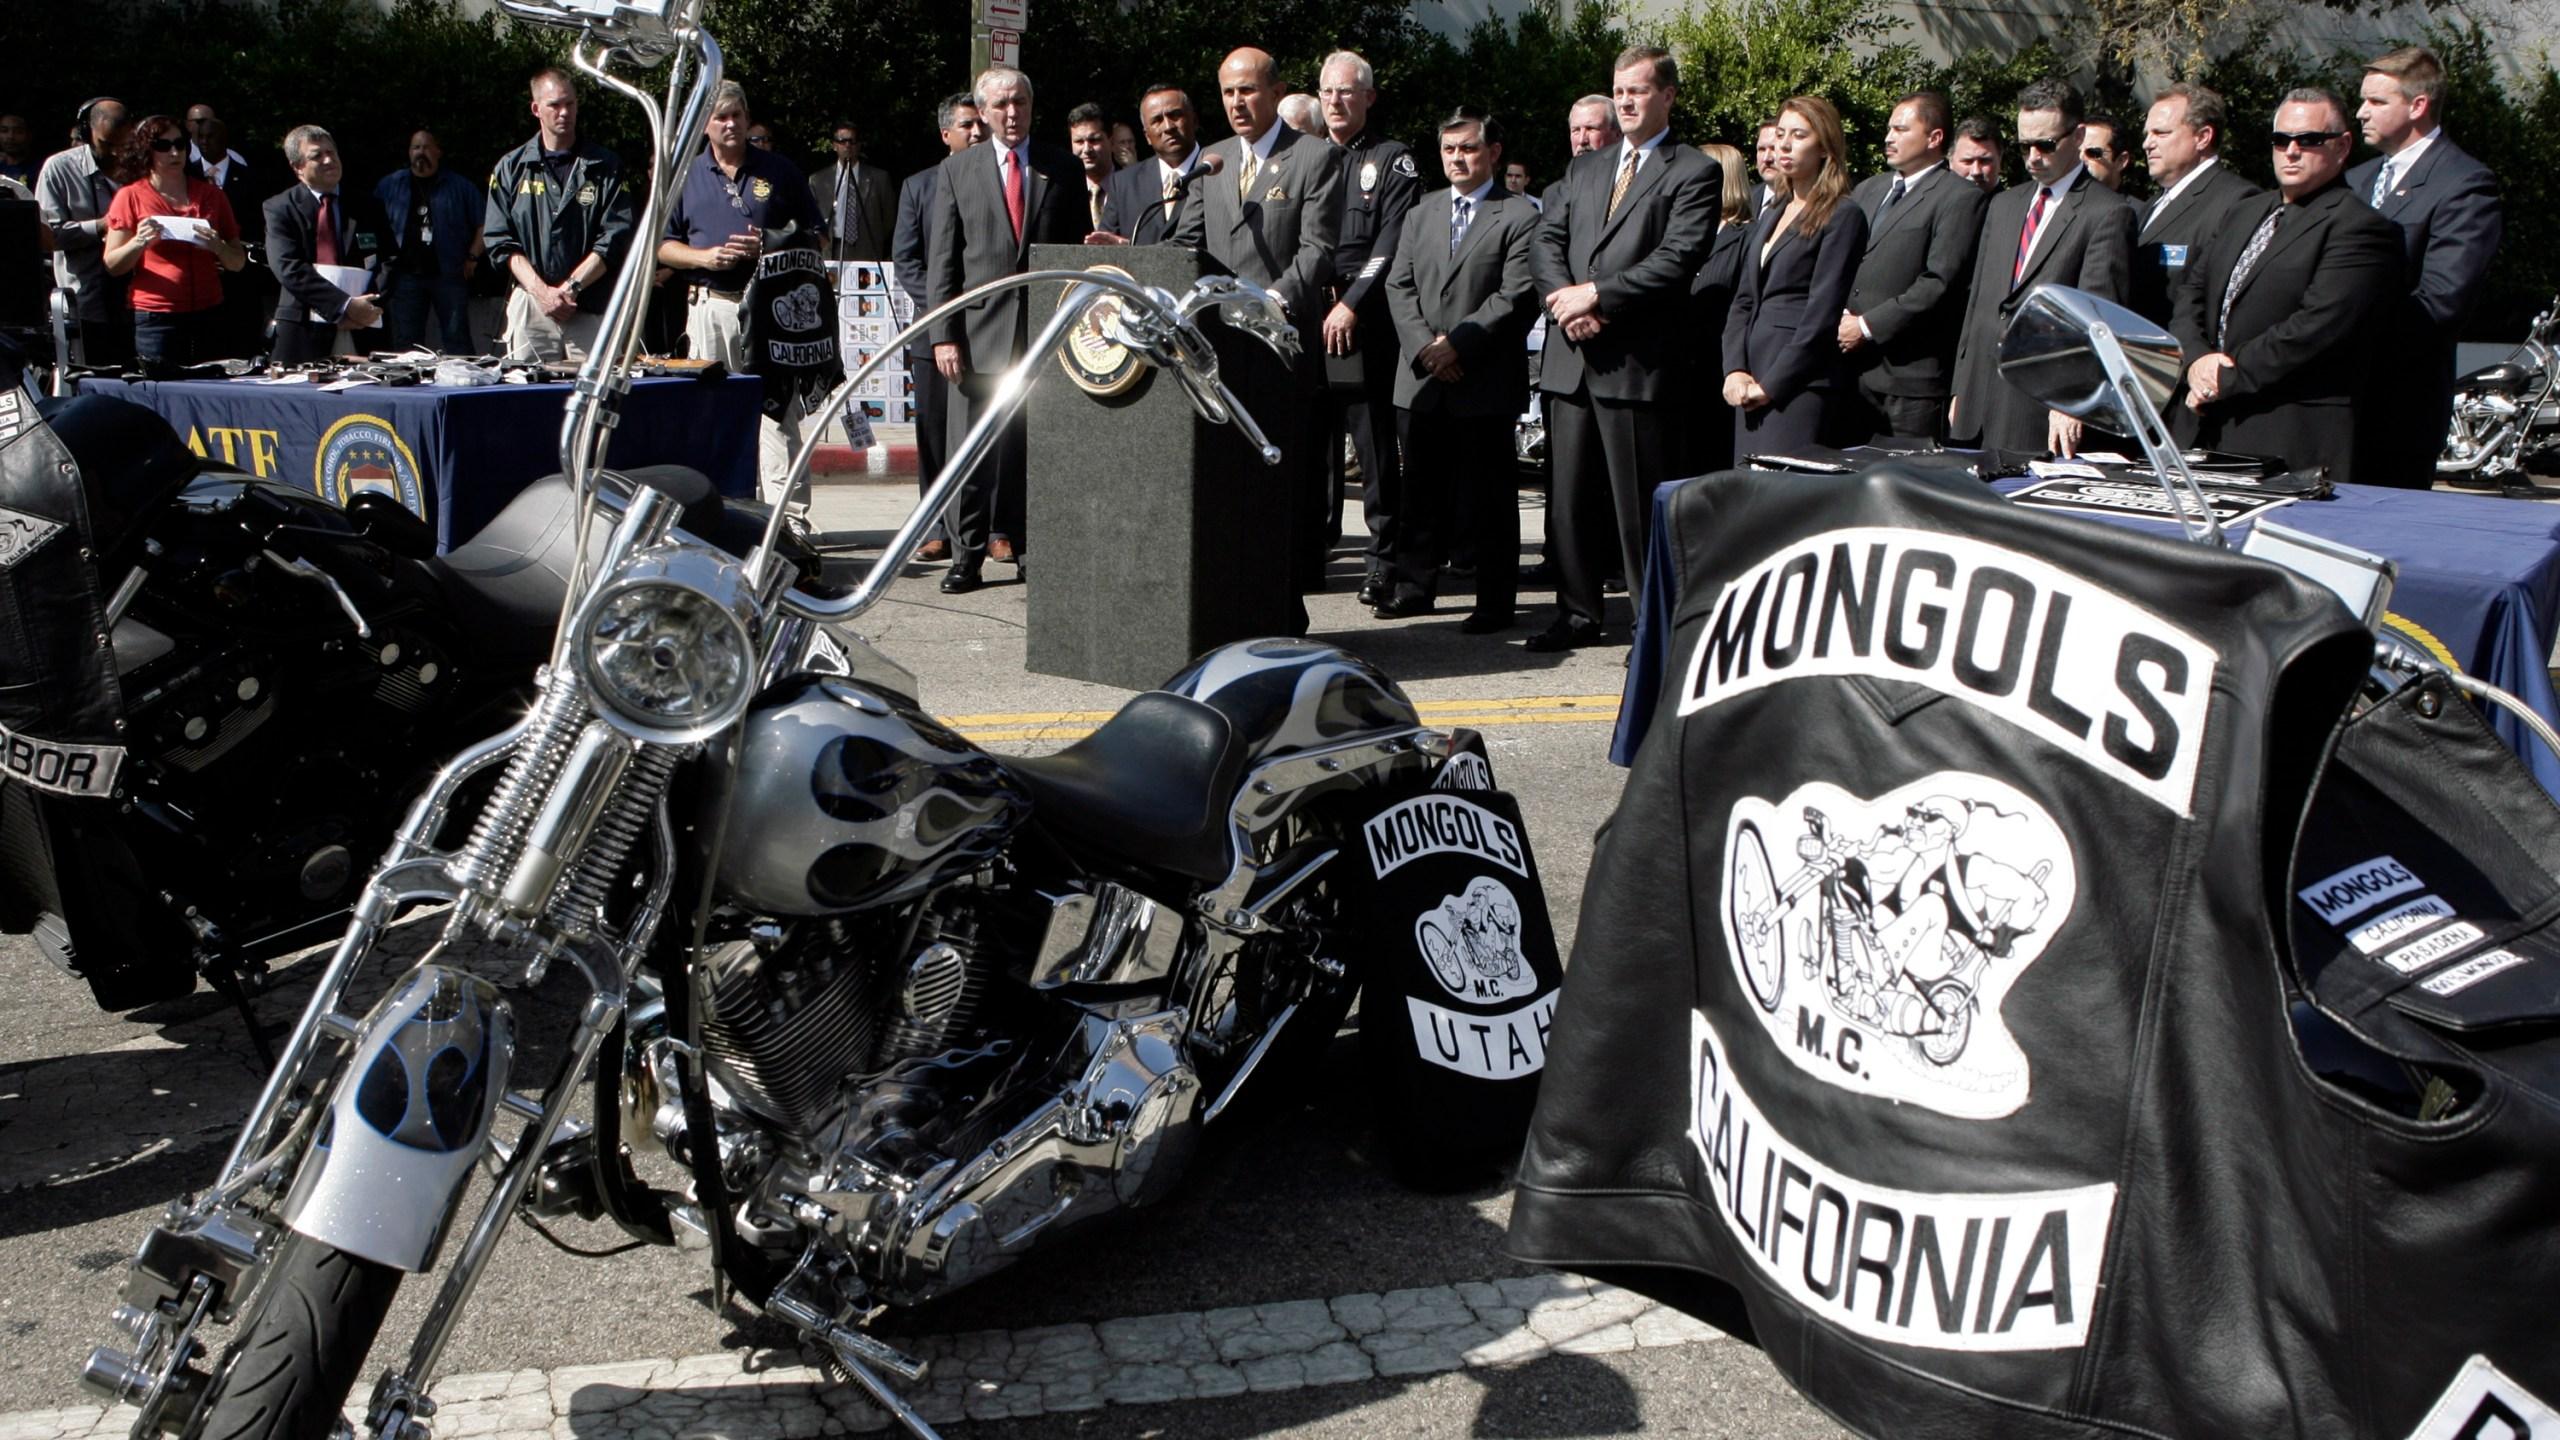 Mongols_Motorcycle_Club_Racketeering_22427-159532.jpg37893975